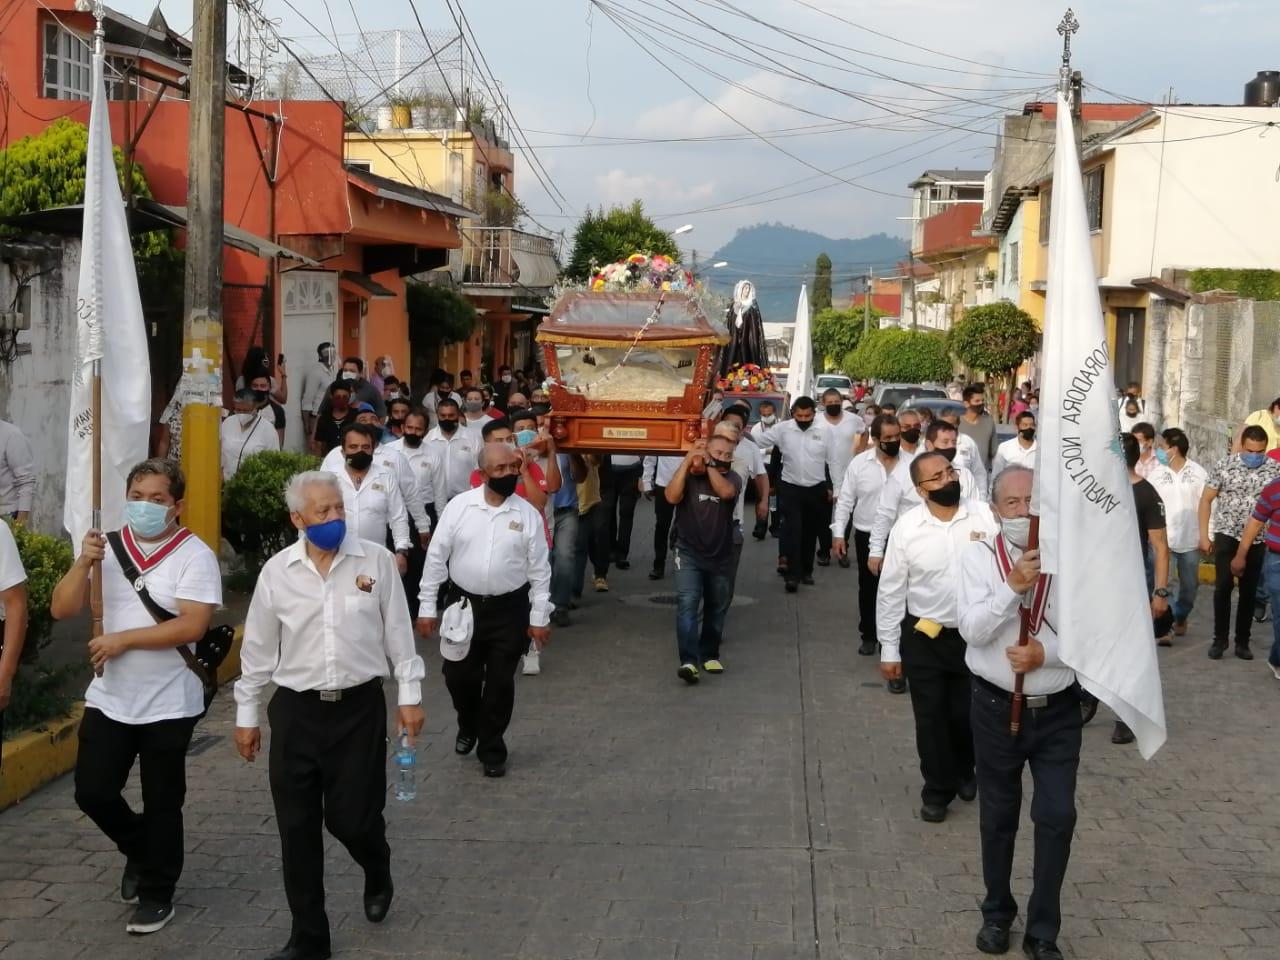 Católicos poblanos salen a las calles y piden a Dios disminuya el Covid19